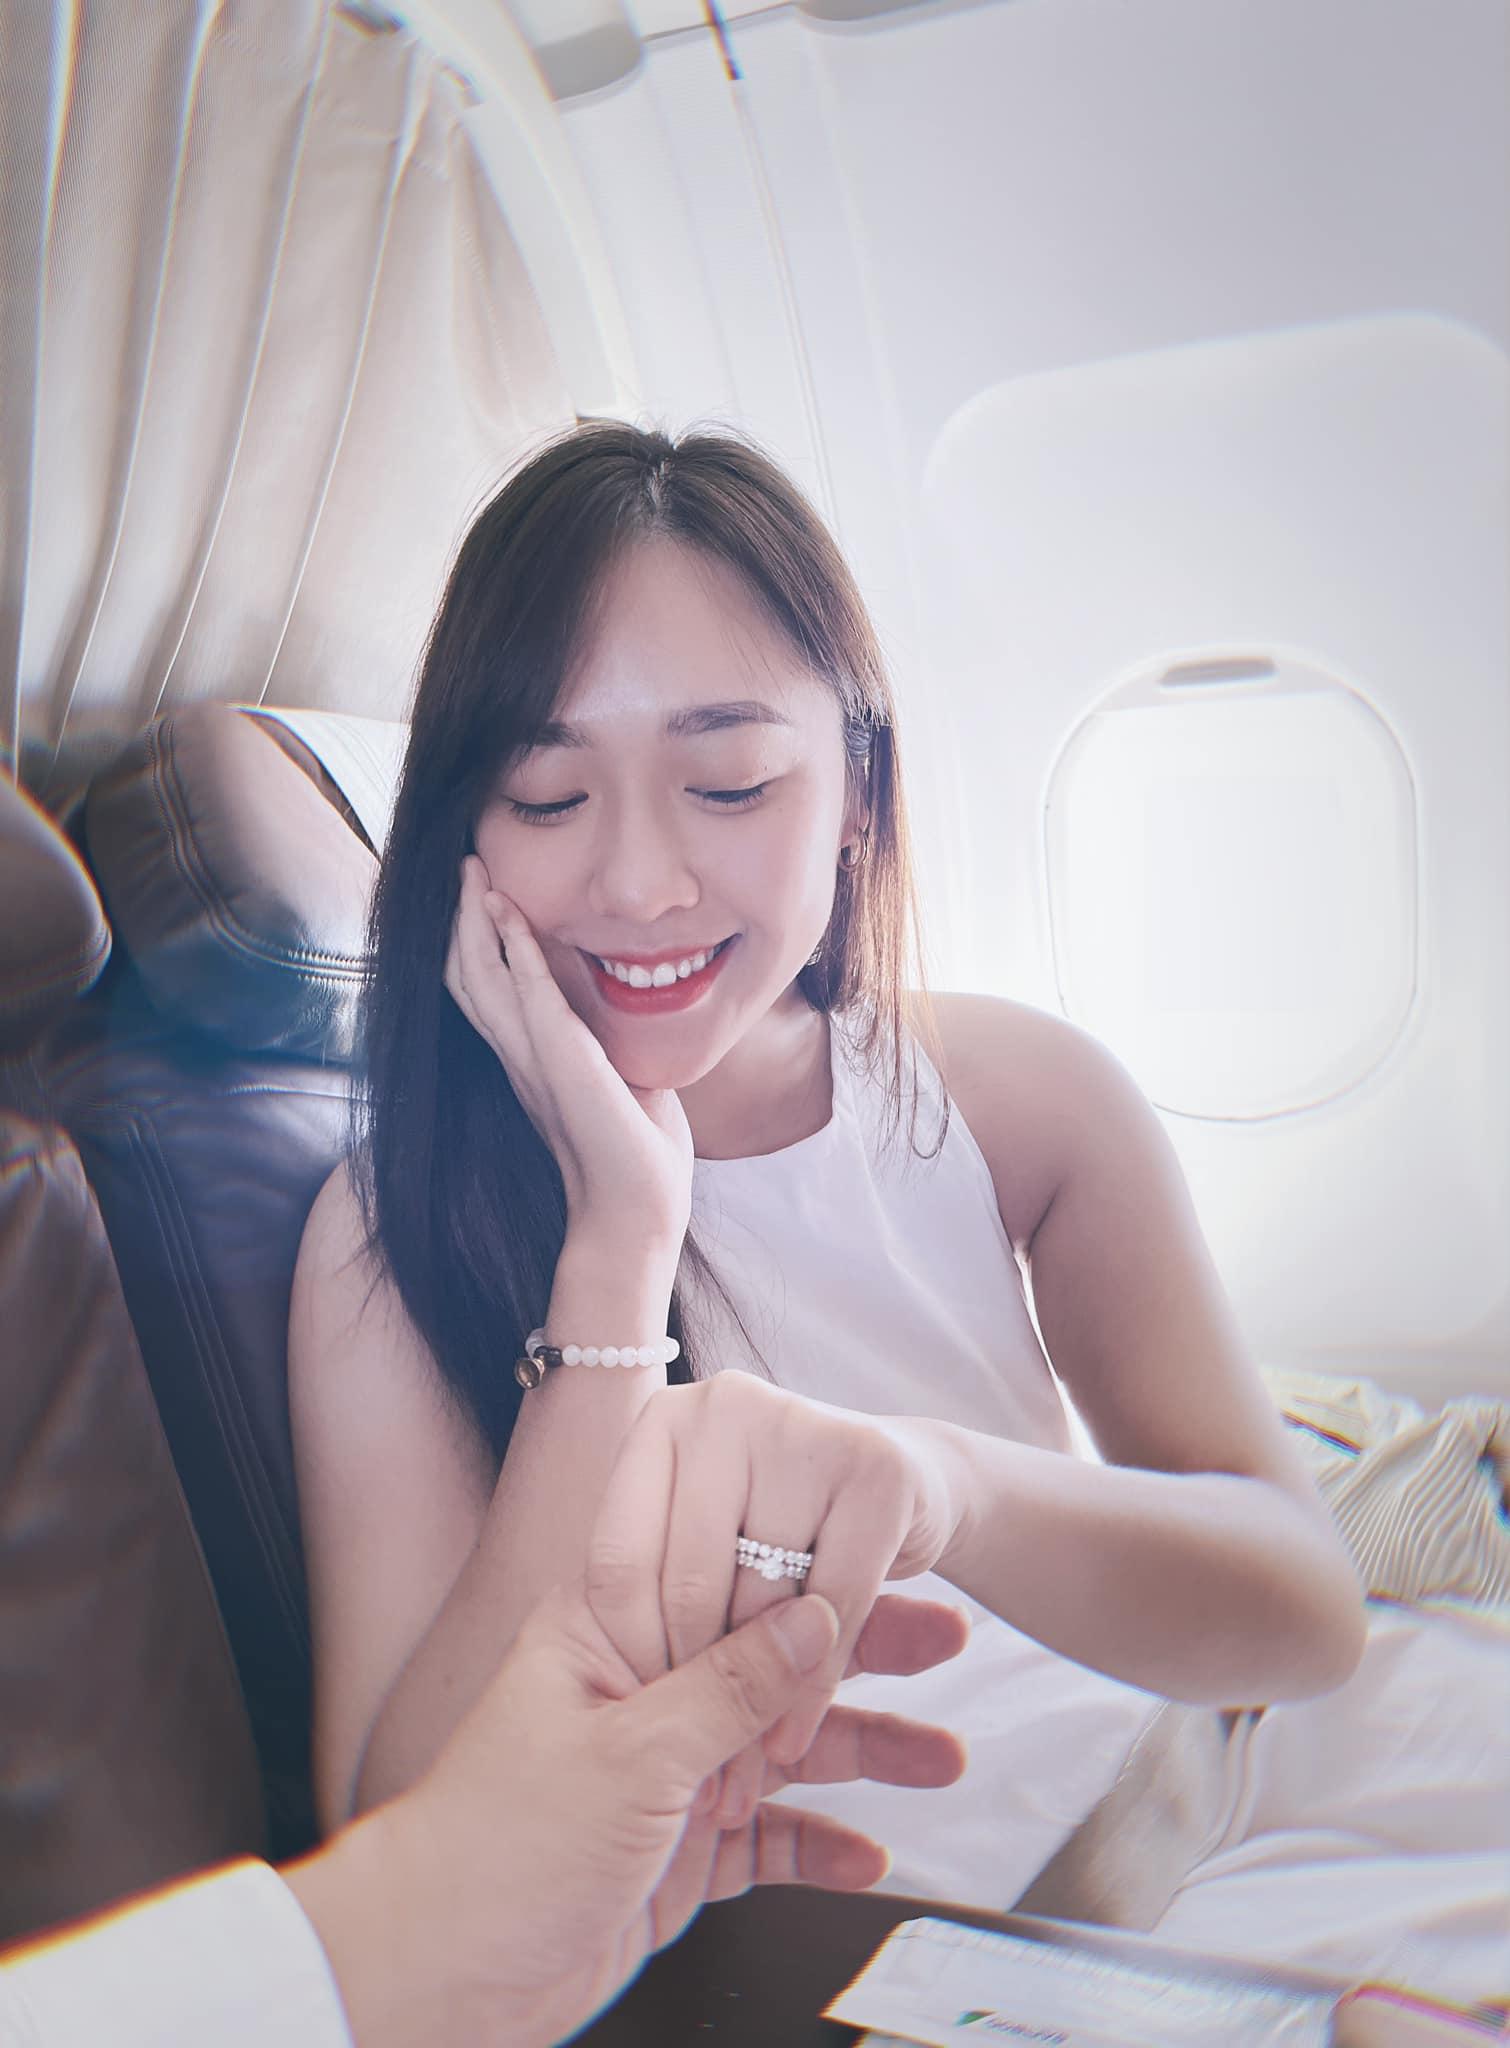 Nhan sắc mê đắm lòng người của mỹ nhân VTV vừa được triệu phú hơn 16 tuổi cầu hôn - Ảnh 2.